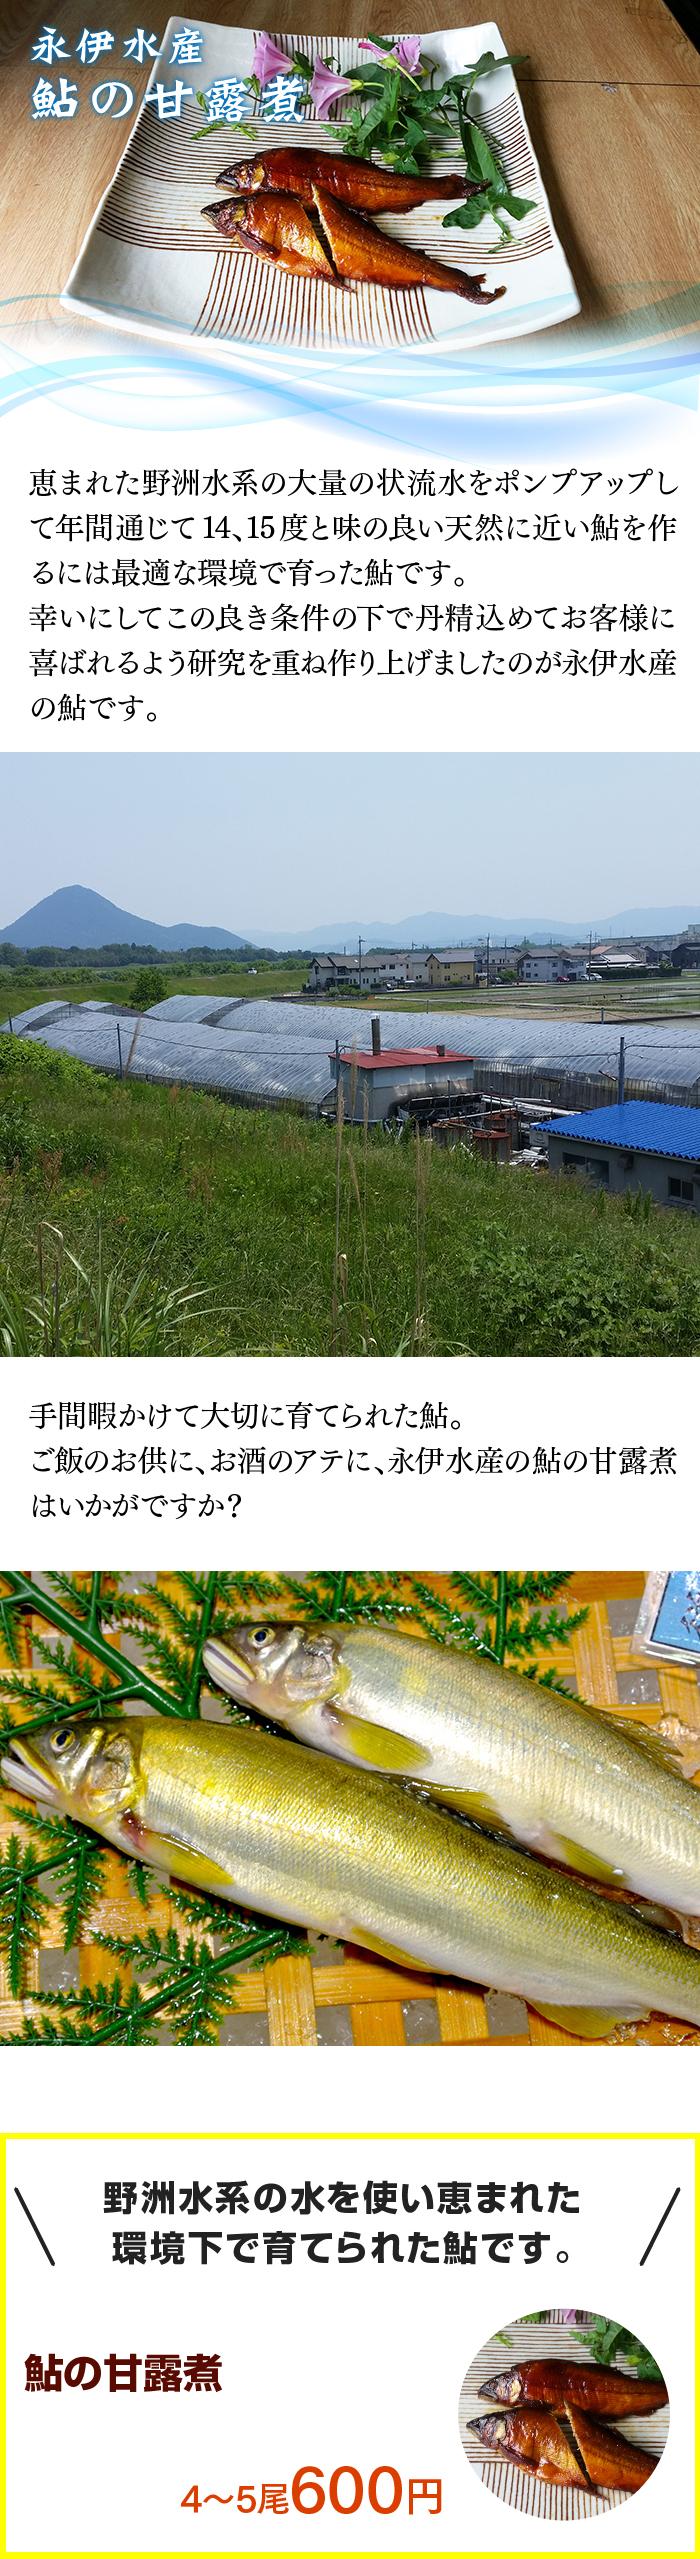 野洲水系の水を使い恵まれた 環境下で育てられた鮎です。